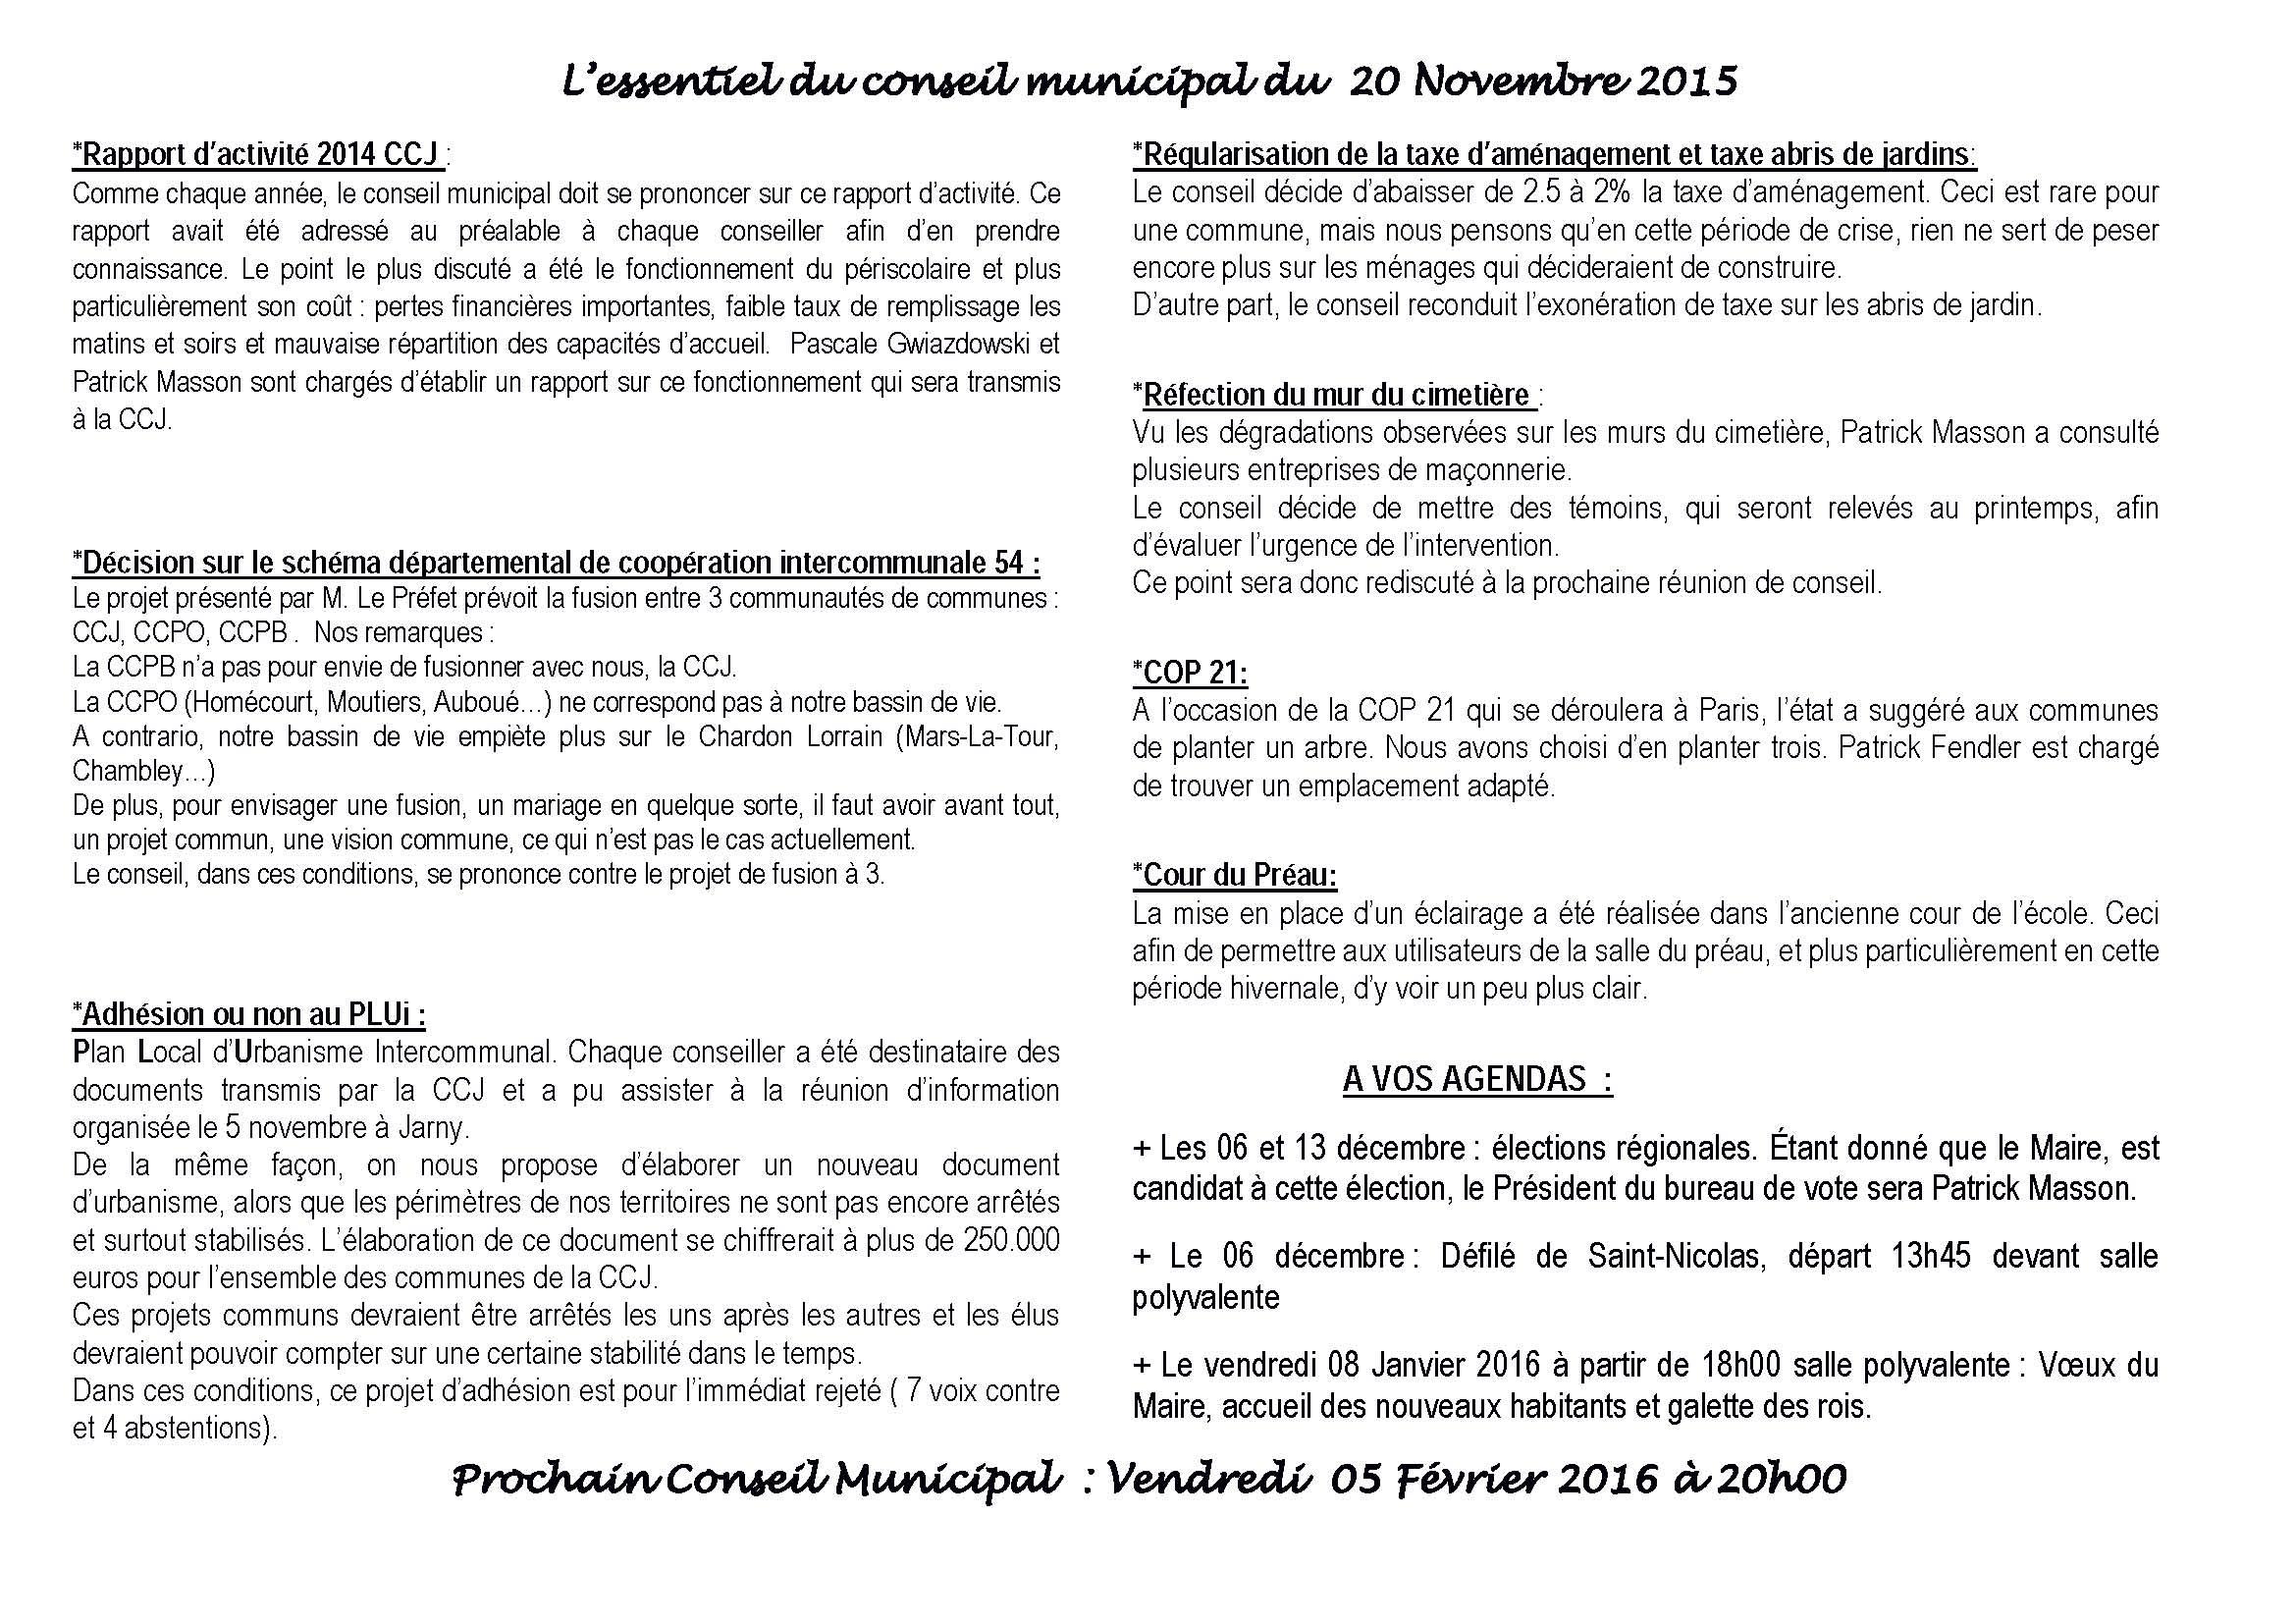 Le conseil municipal du 20 novembre 2015